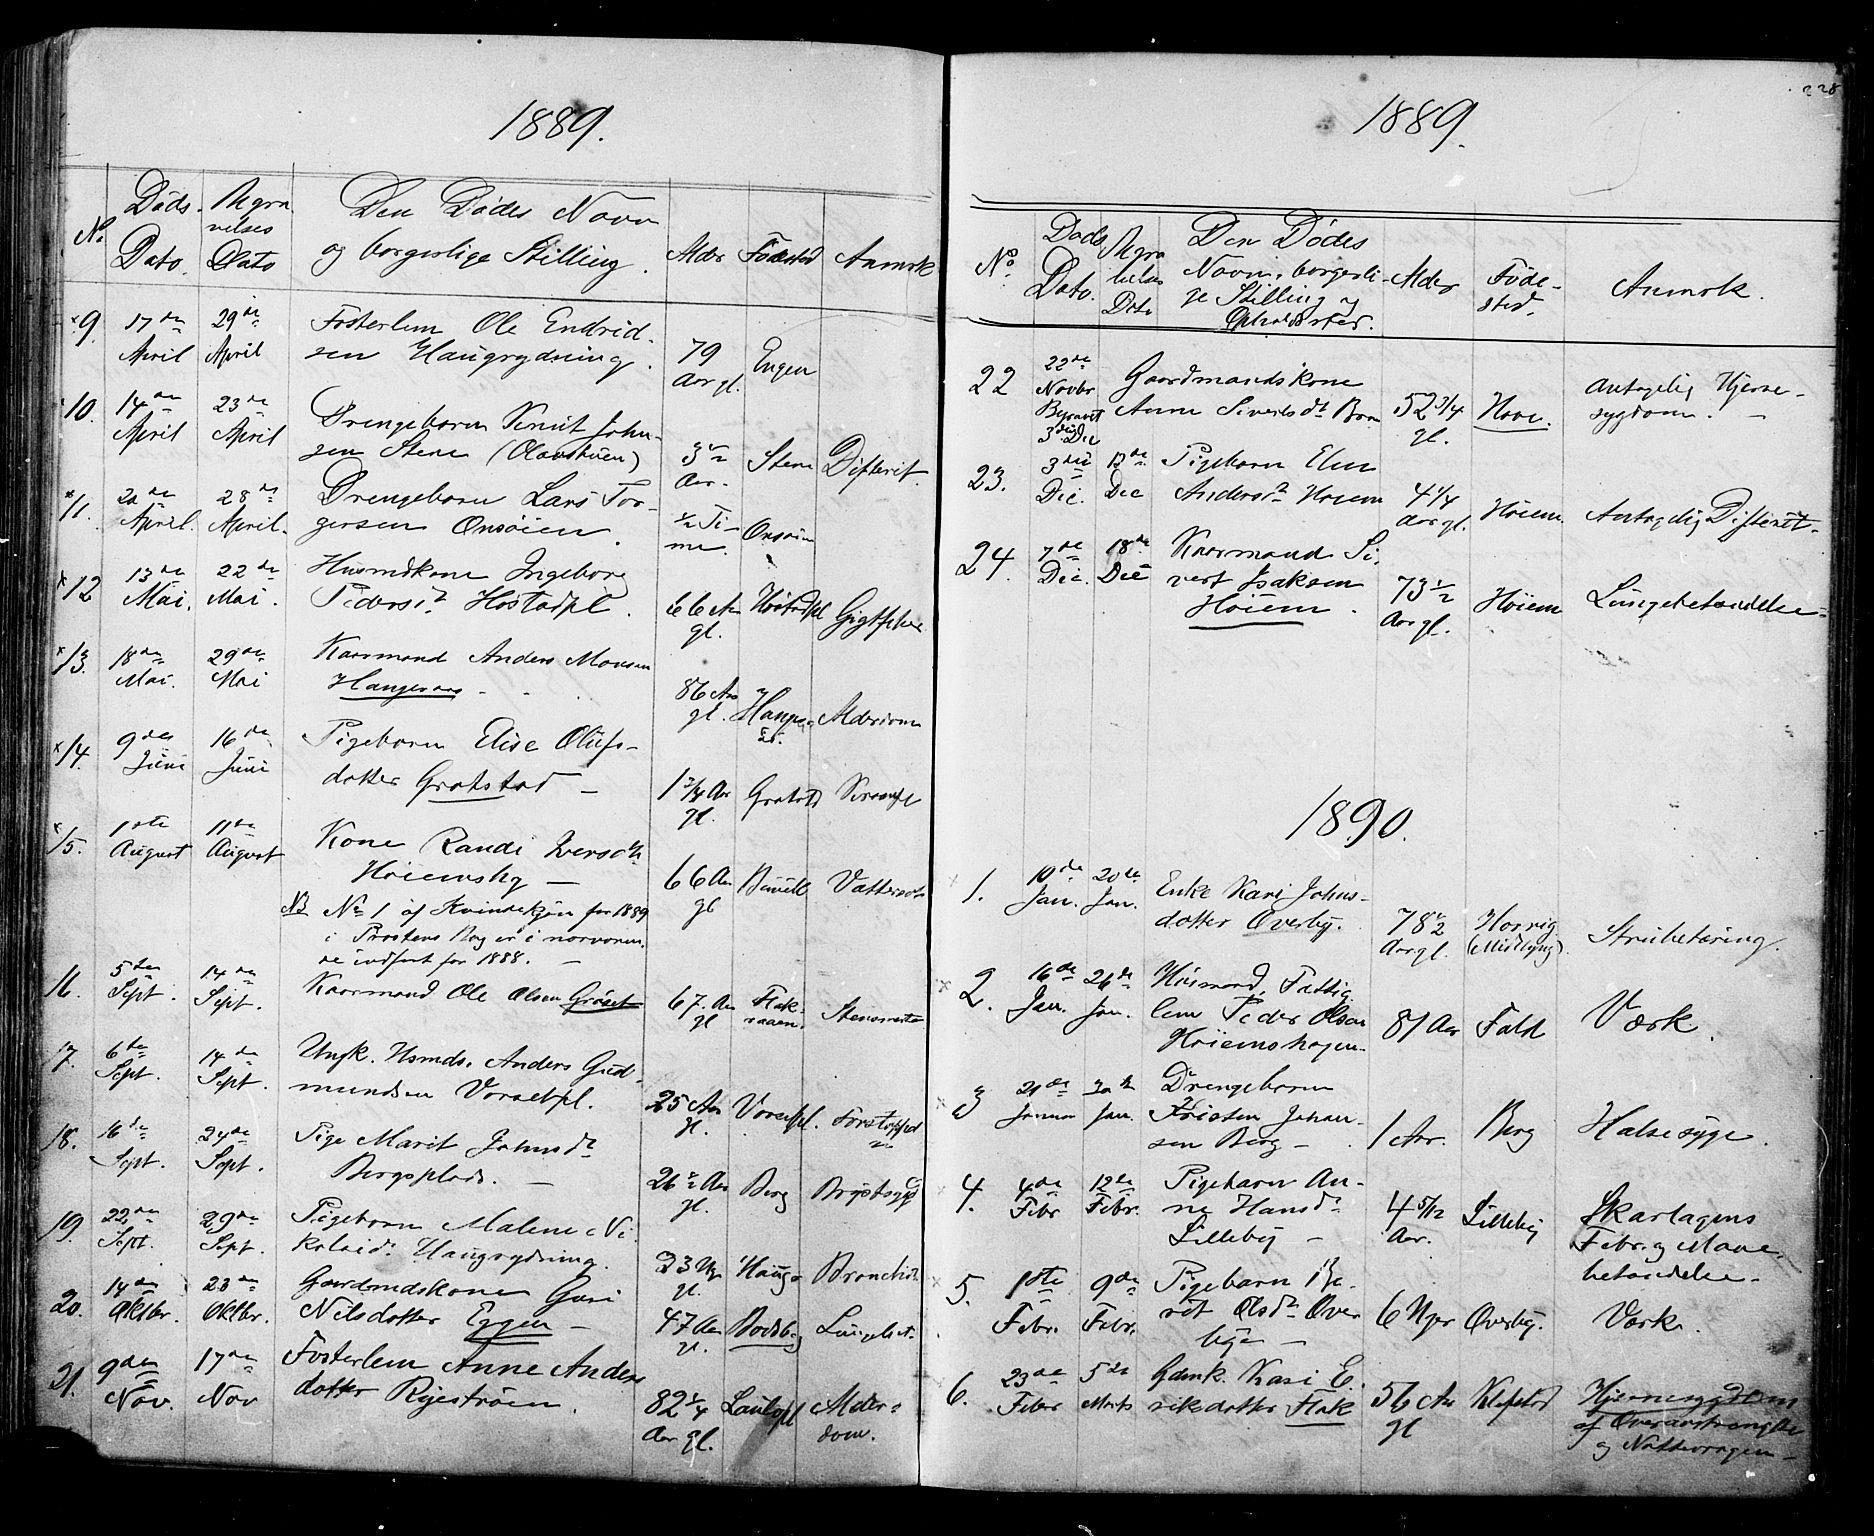 SAT, Ministerialprotokoller, klokkerbøker og fødselsregistre - Sør-Trøndelag, 612/L0387: Klokkerbok nr. 612C03, 1874-1908, s. 228